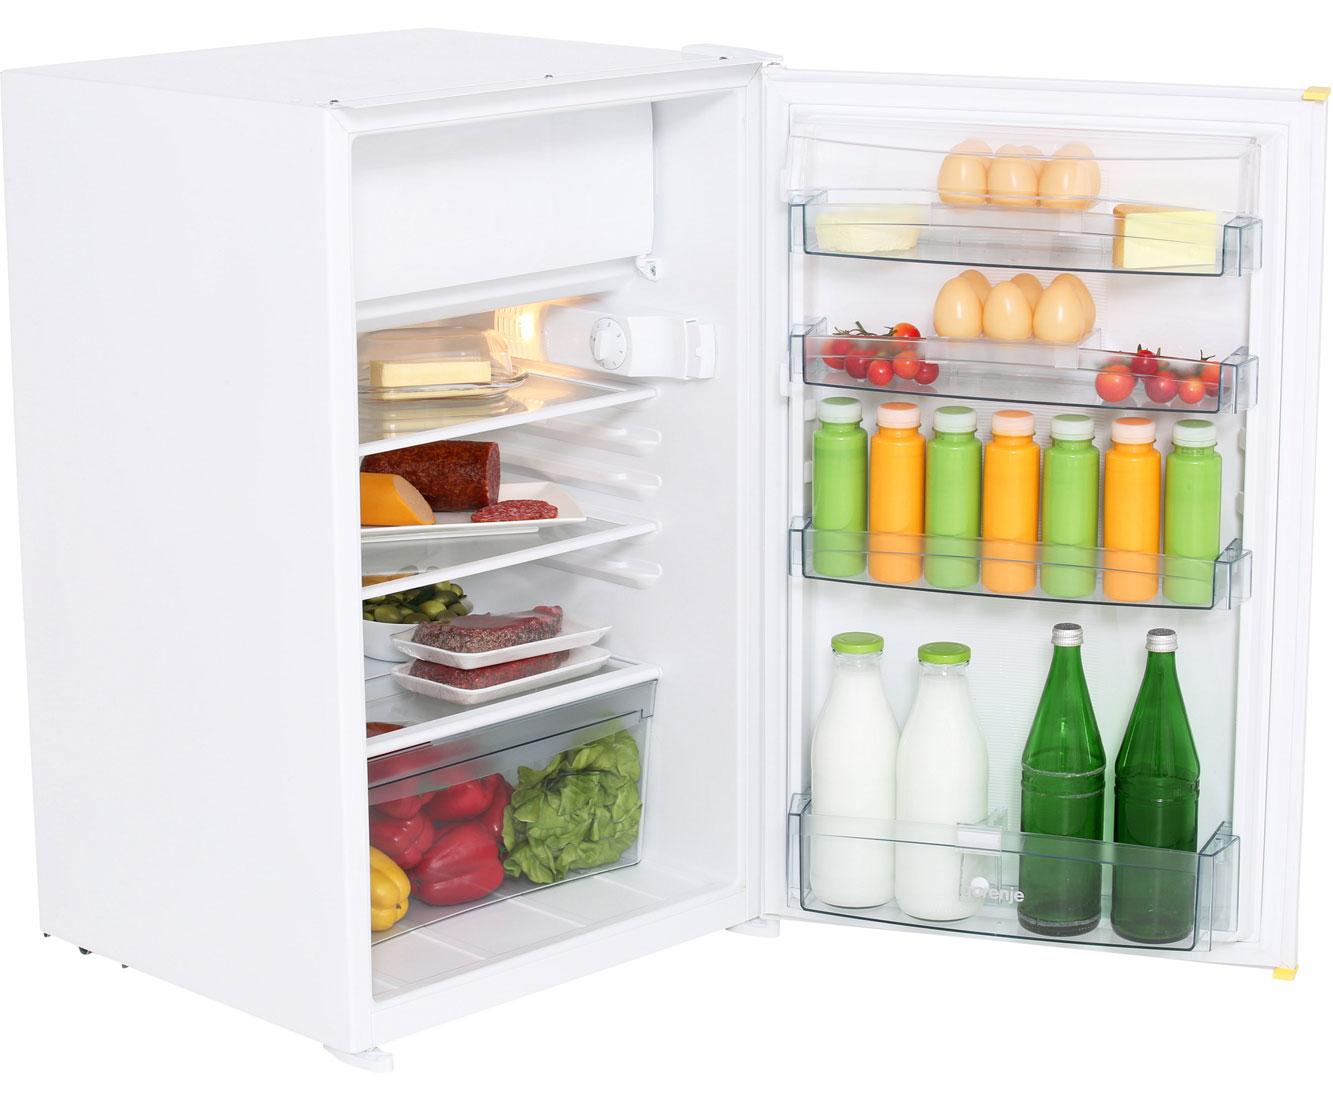 Kleiner Kühlschrank Einbau : Gorenje rbi aw einbau kühlschrank mit gefrierfach er nische